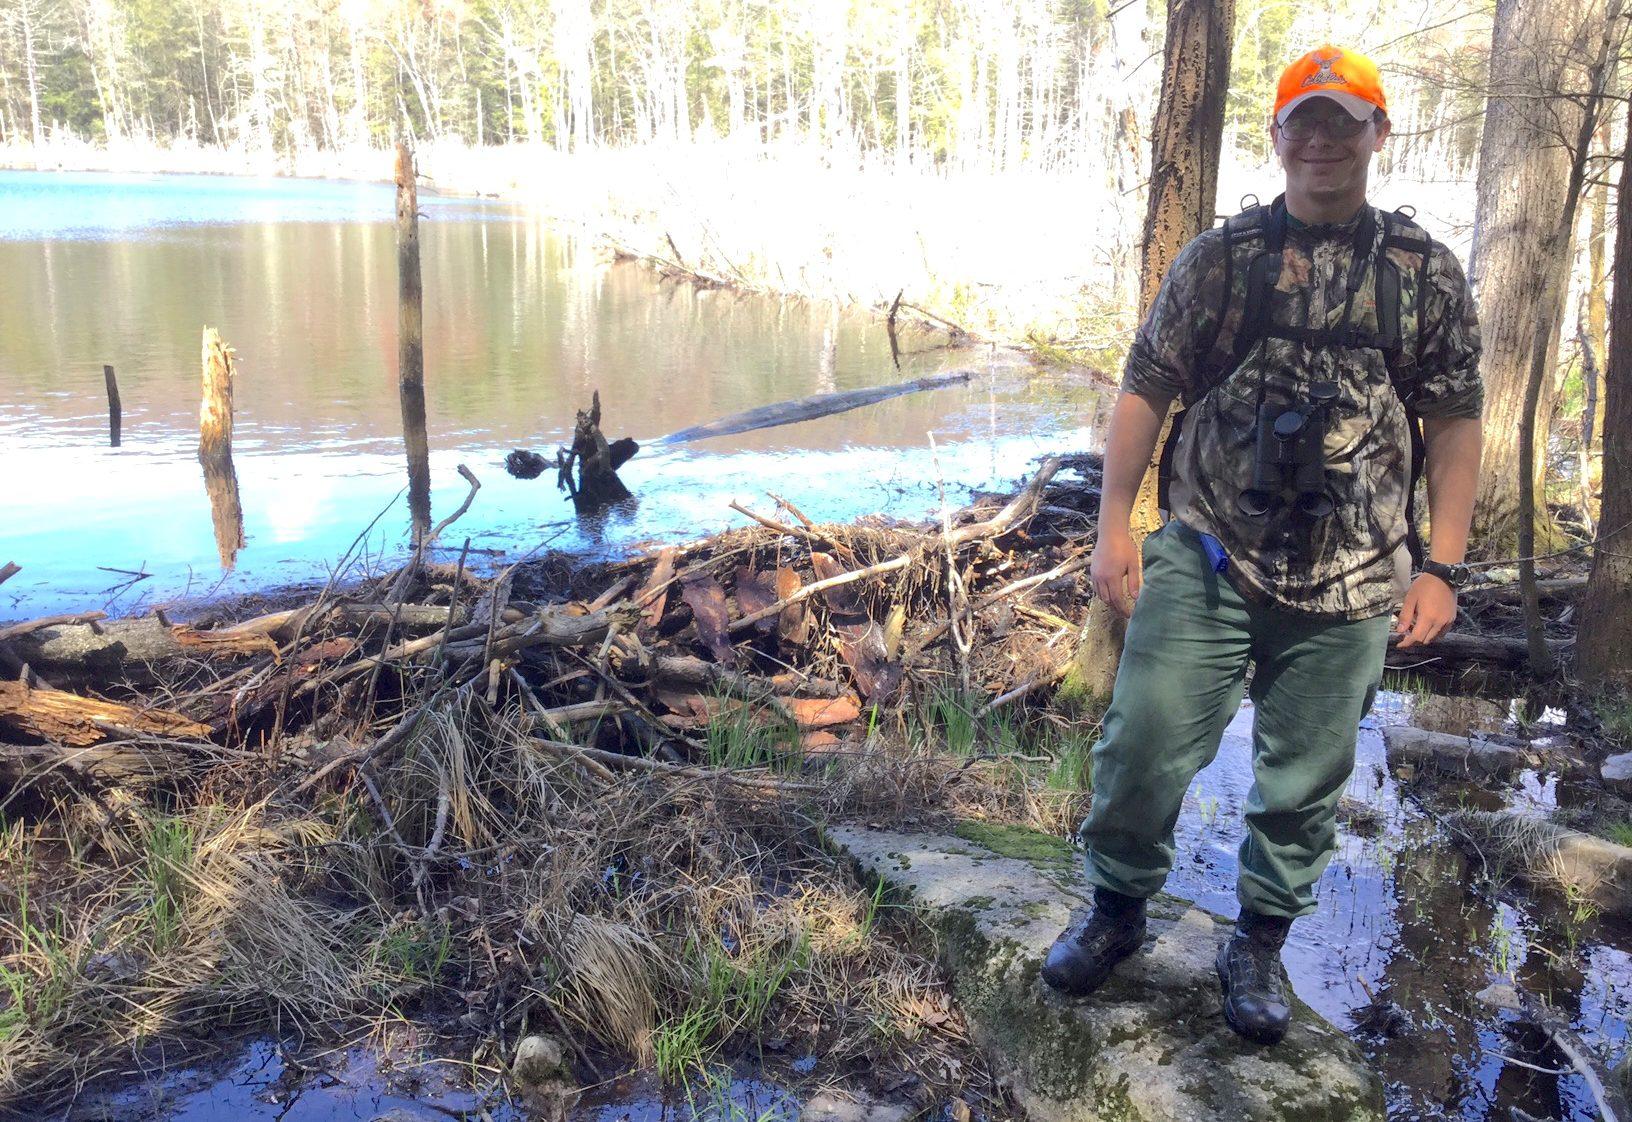 Jordan Edmonds standing near a small body of water.